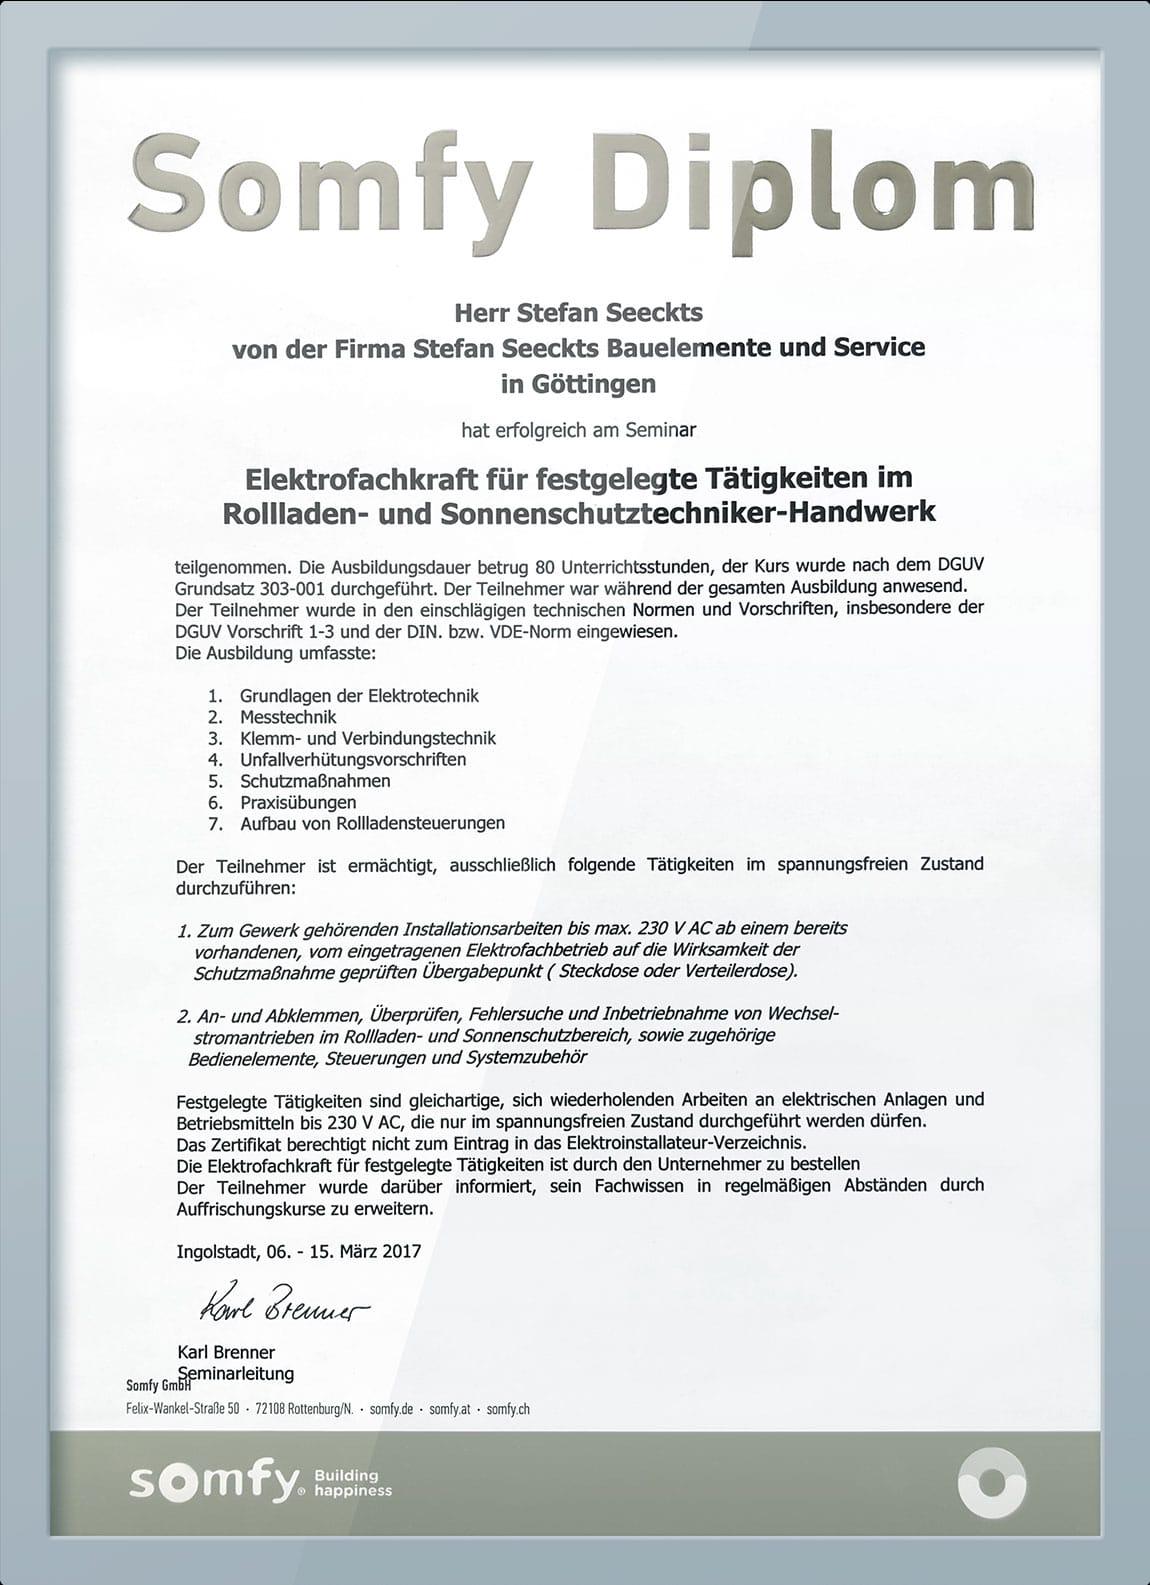 Diplom für Rollladen- und Sonnenschutztechnik